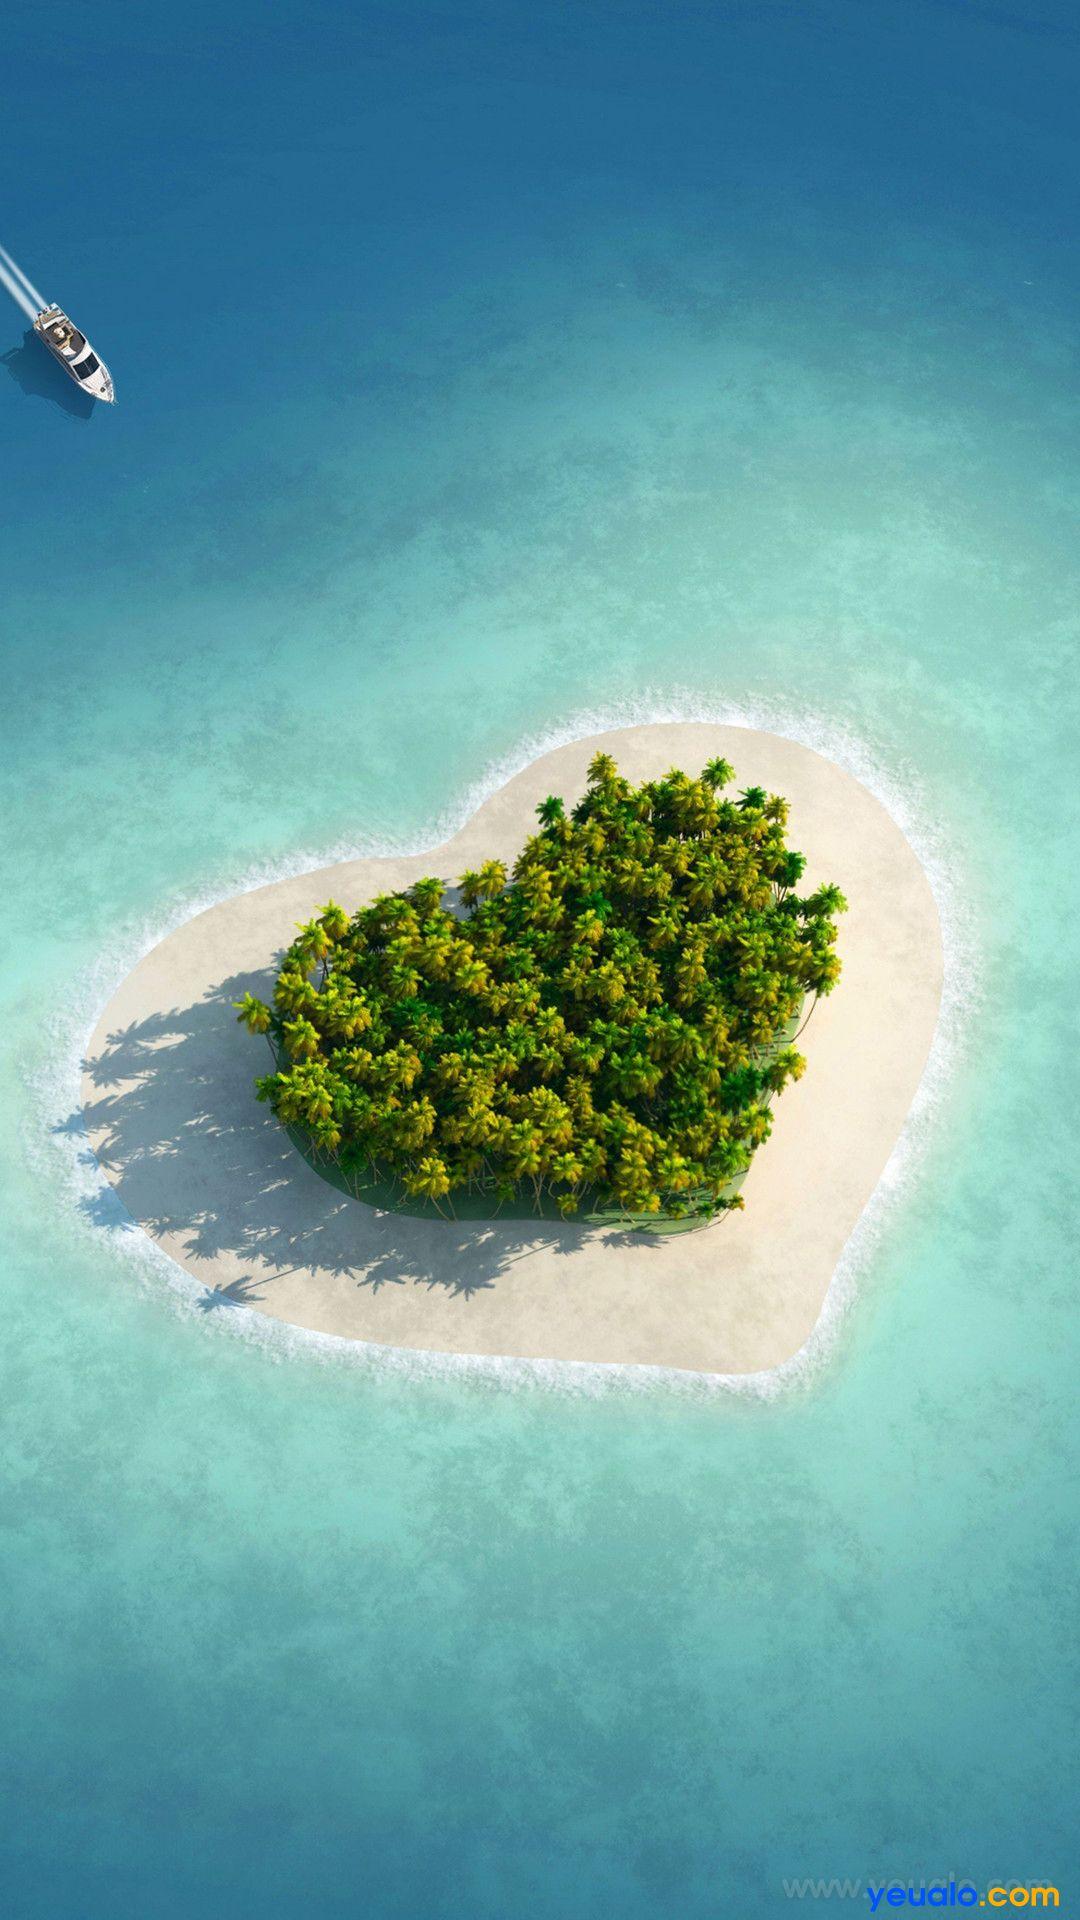 Hình nền điện thoại trái tim dành cho người đang yêu đẹp 14